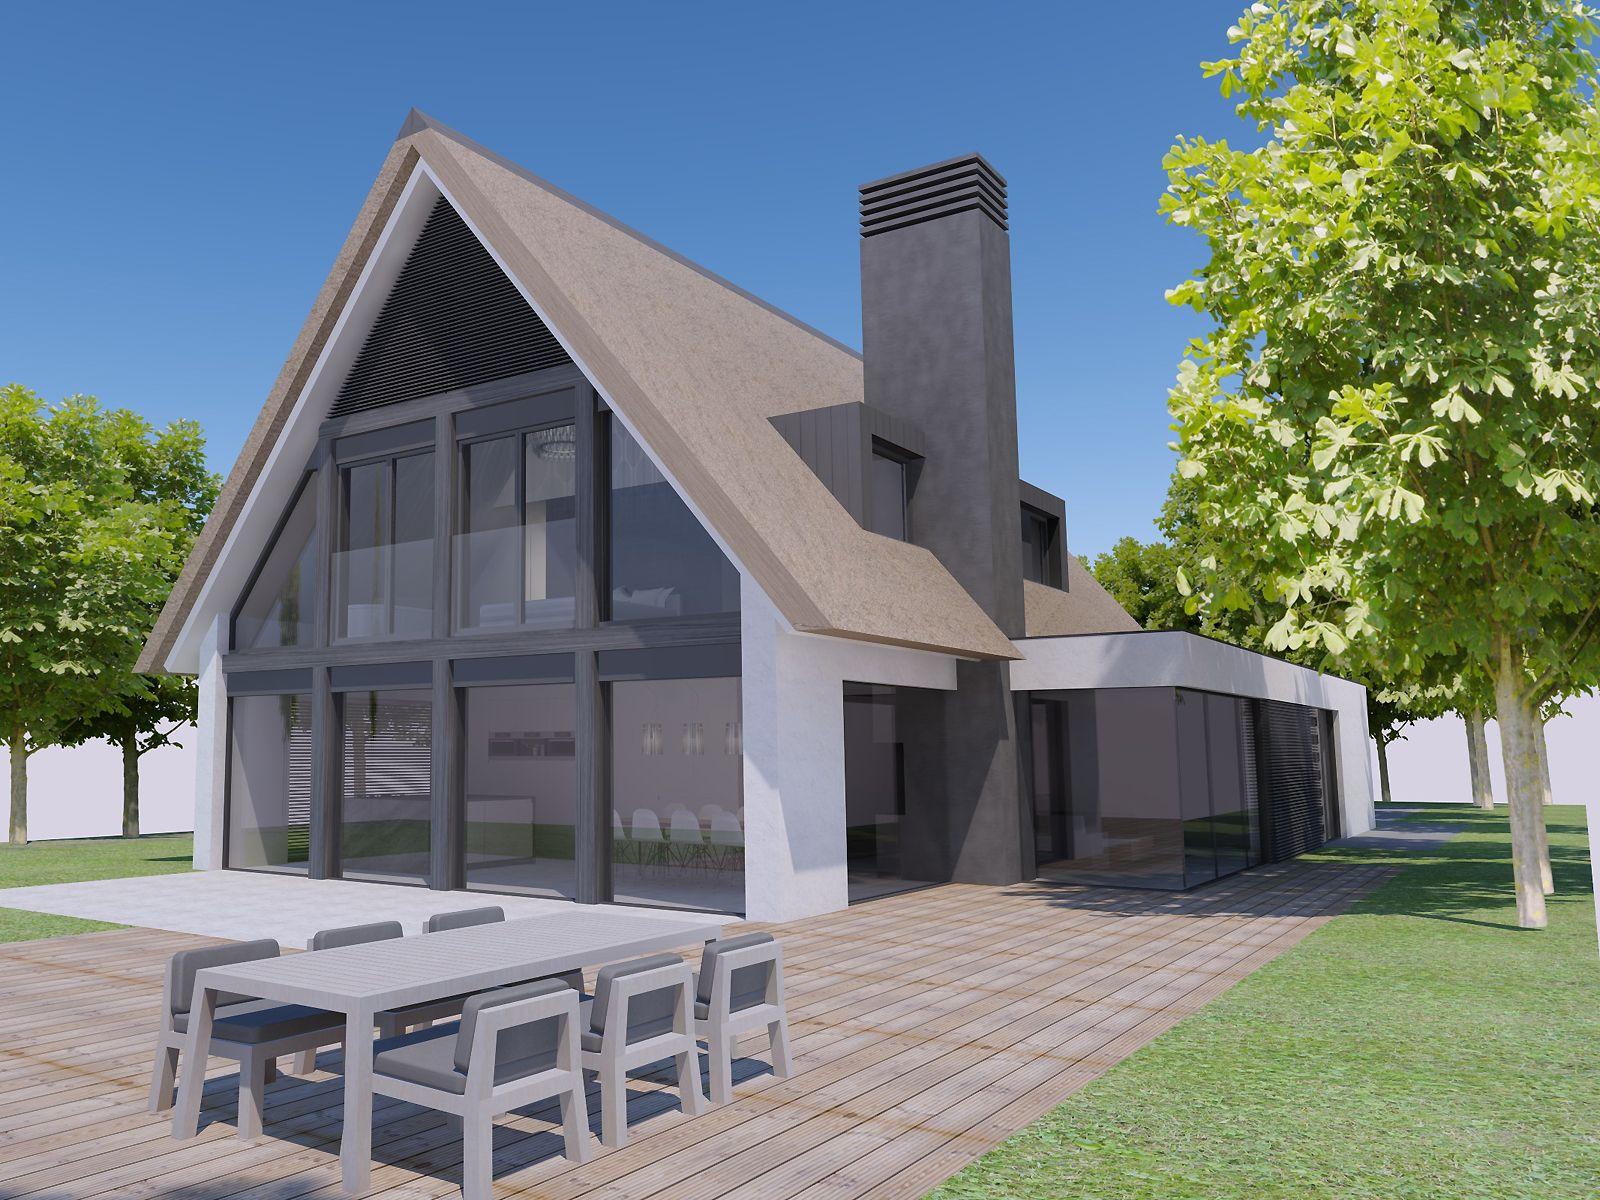 Architectuur vrijstaande woning zijaanbouw google zoeken huis pinterest architectuur - Zeer moderne woning ...